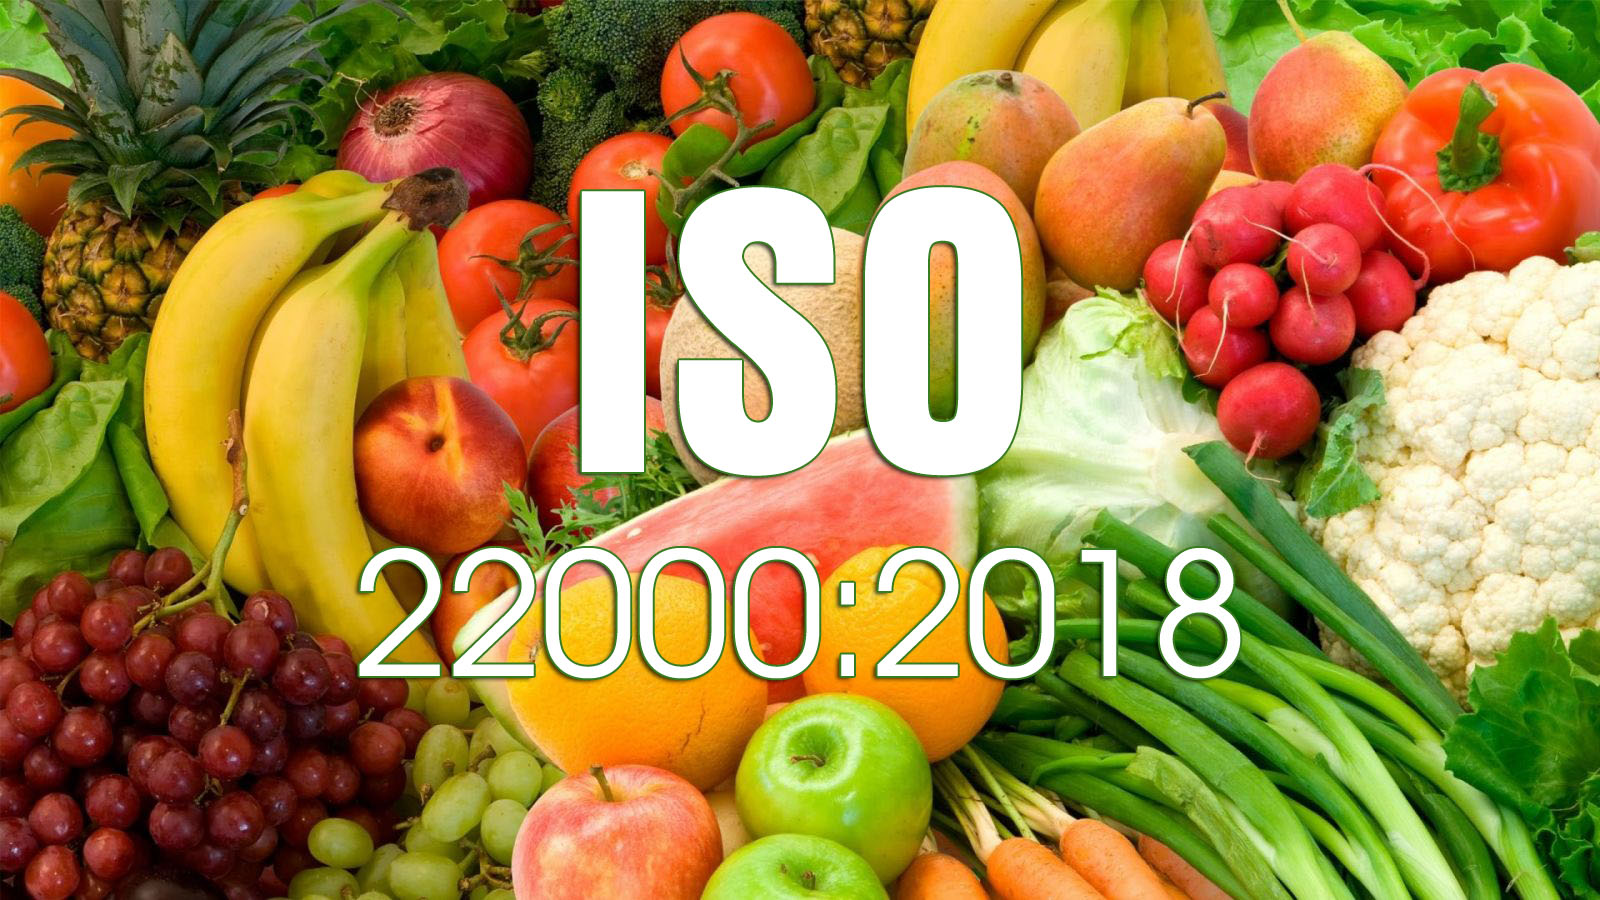 THIẾT LẬP THÔNG TIN VĂN BẢN THEO YÊU CẦU  ISO 22000:2018 (Cấp 2)